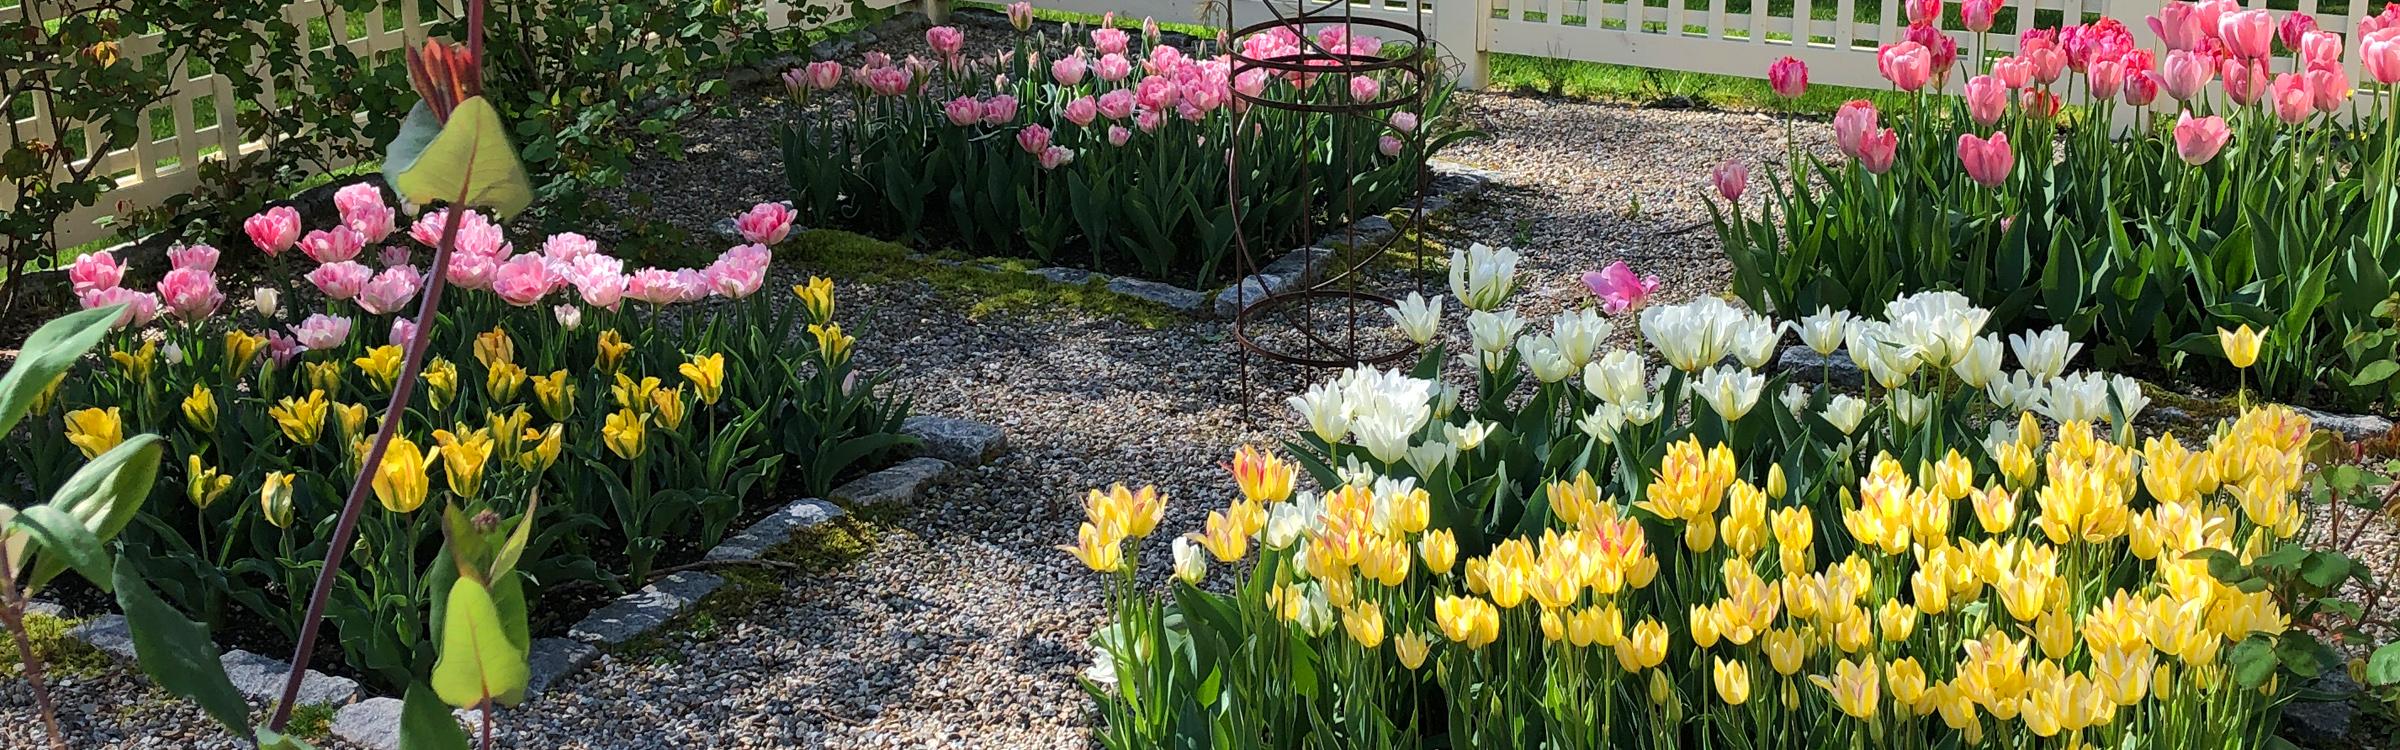 Garden-Maint